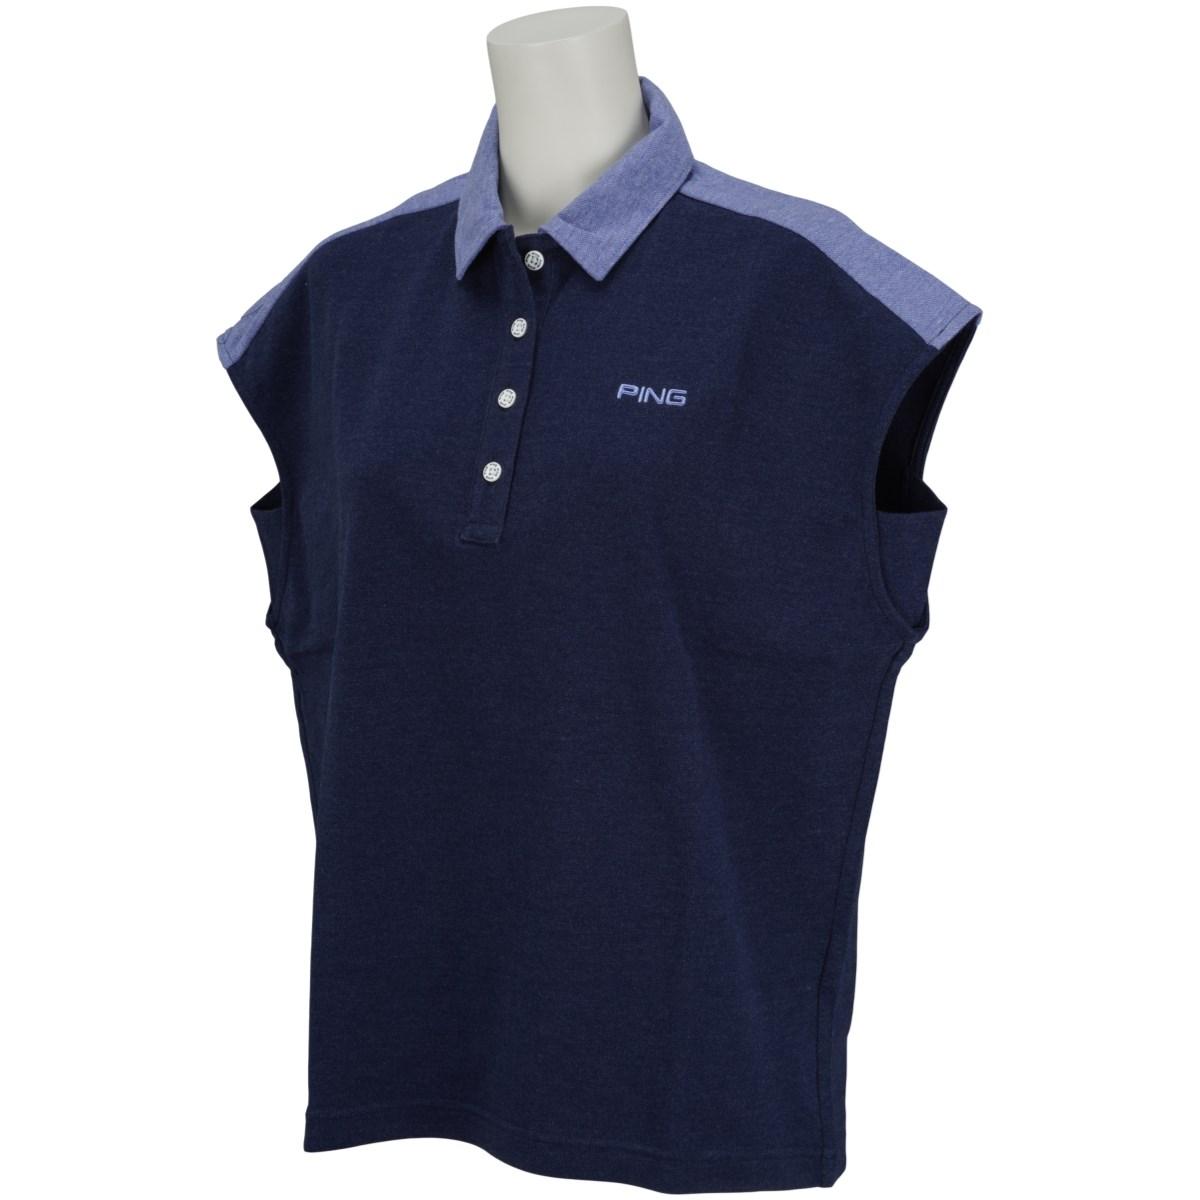 ピン PING 共襟半袖ポロシャツ S ネイビー 120 レディス